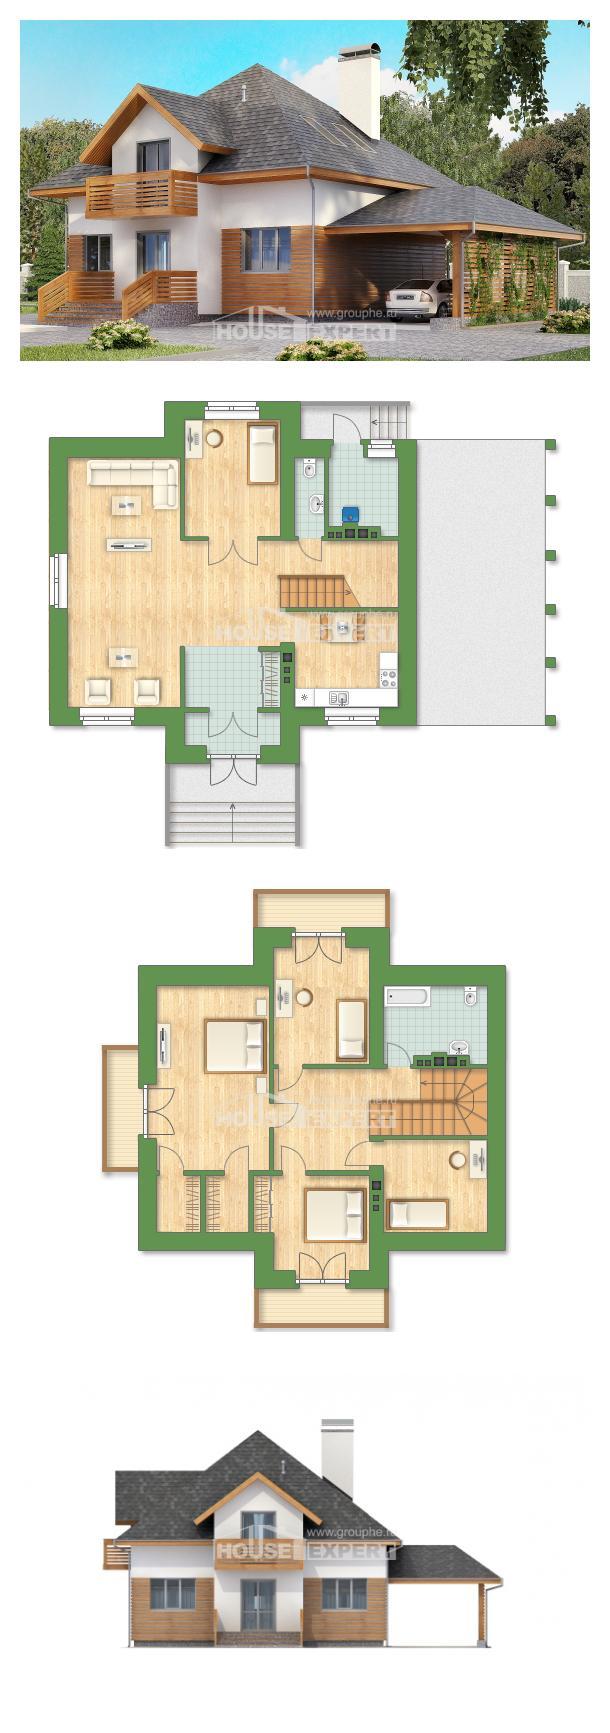 Plan 155-004-R   House Expert